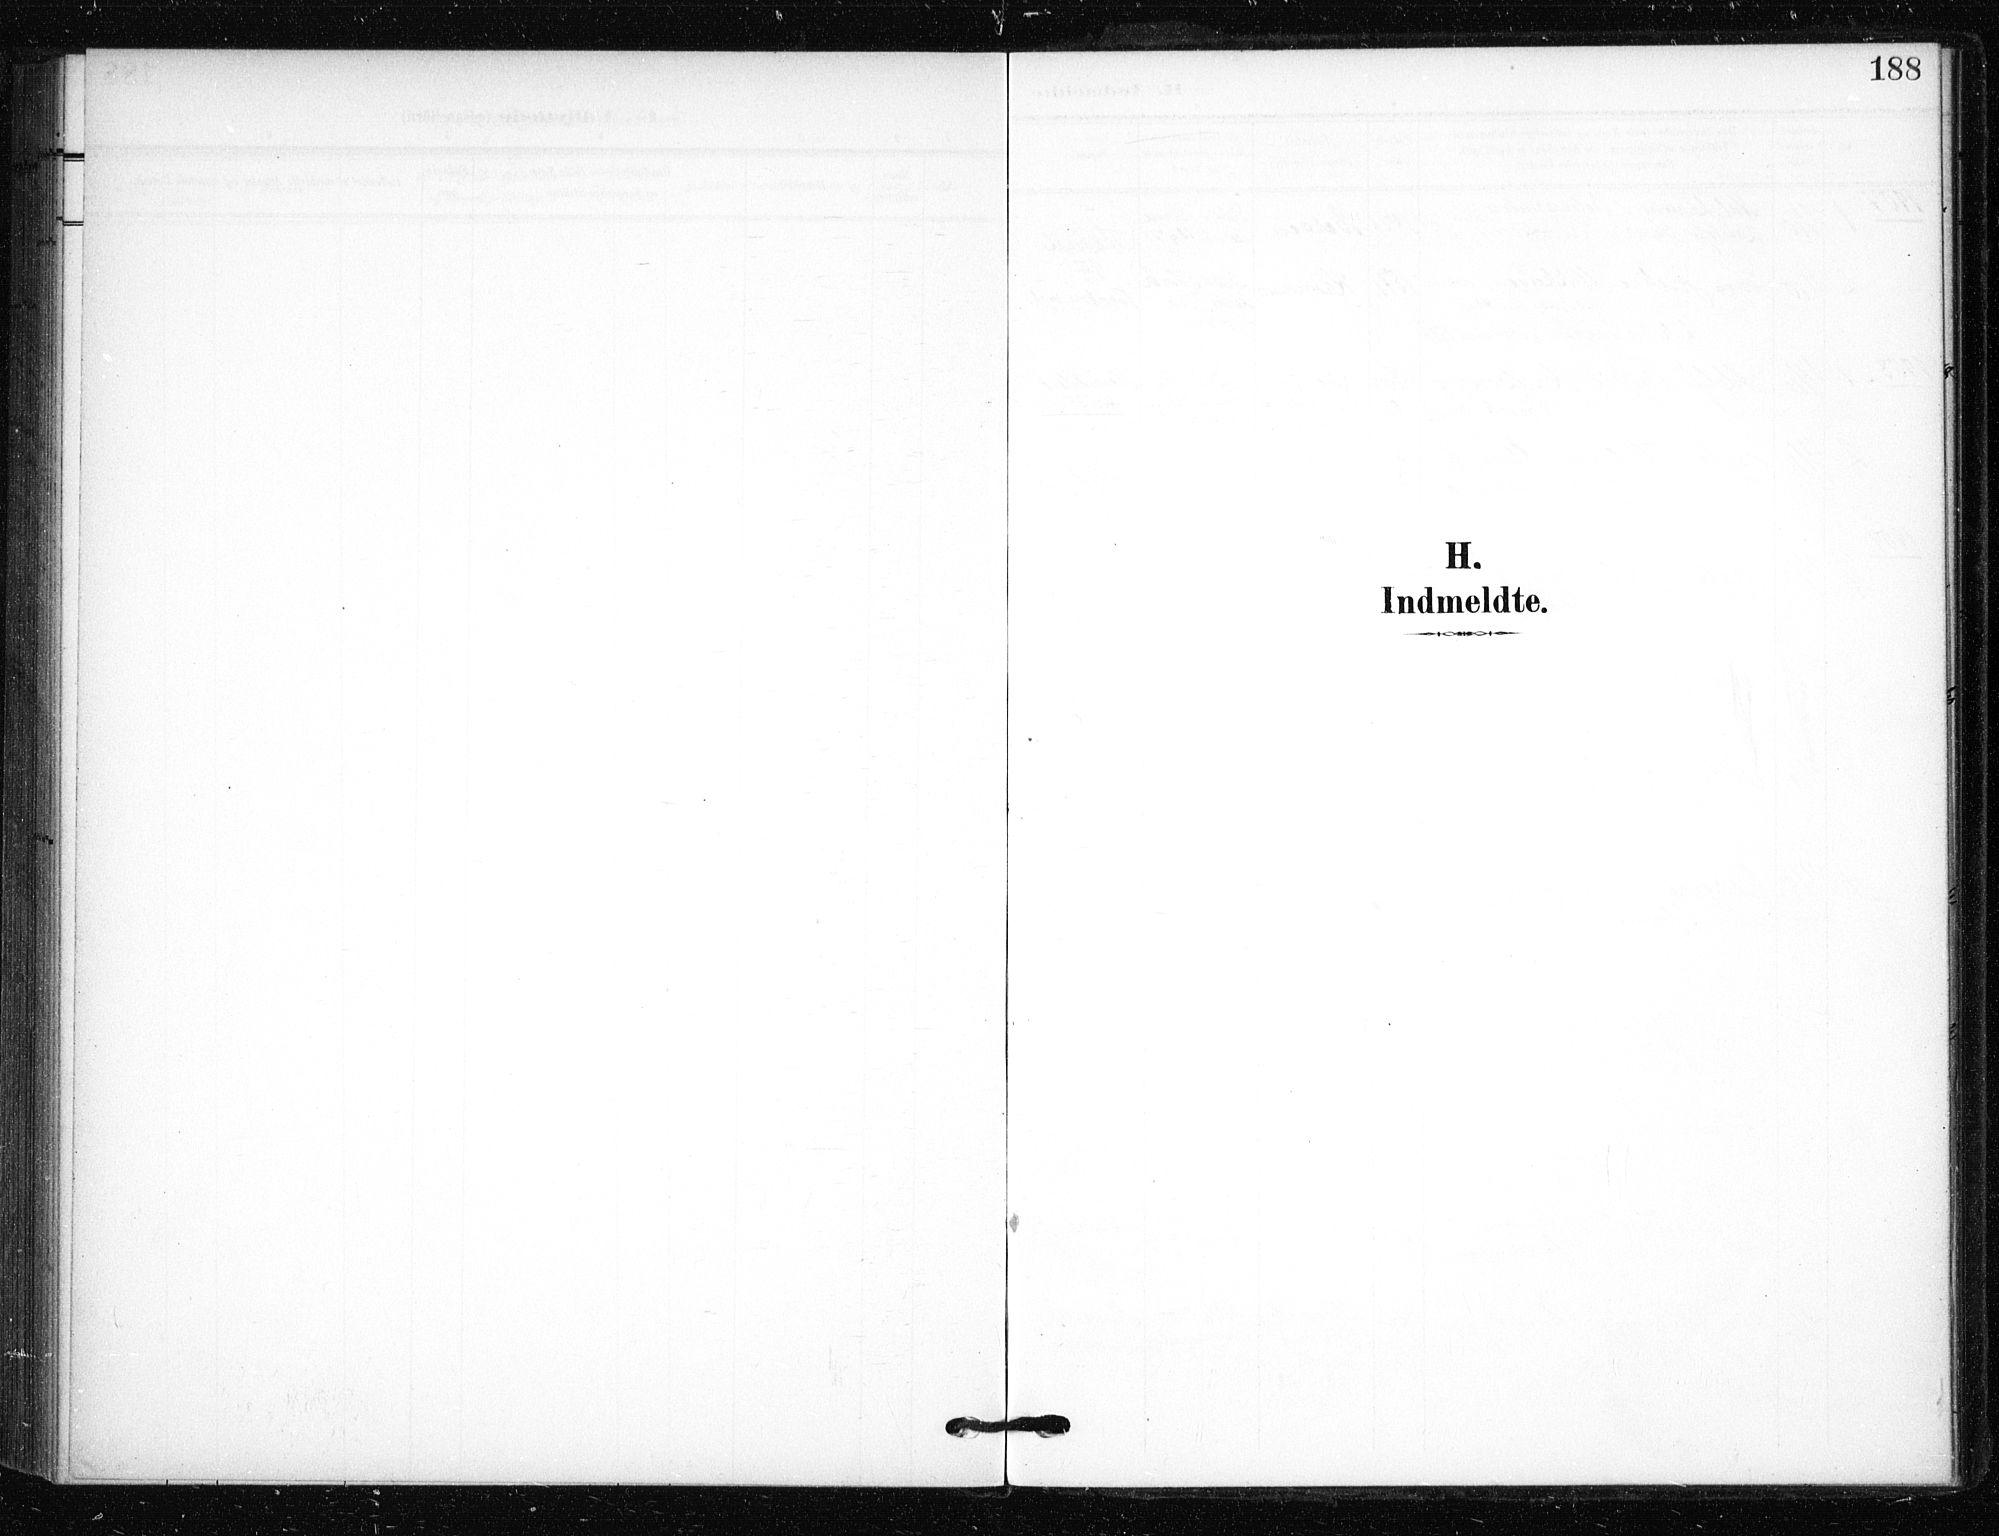 SAO, Tøyen prestekontor Kirkebøker, F/Fa/L0002: Ministerialbok nr. 2, 1907-1916, s. 188